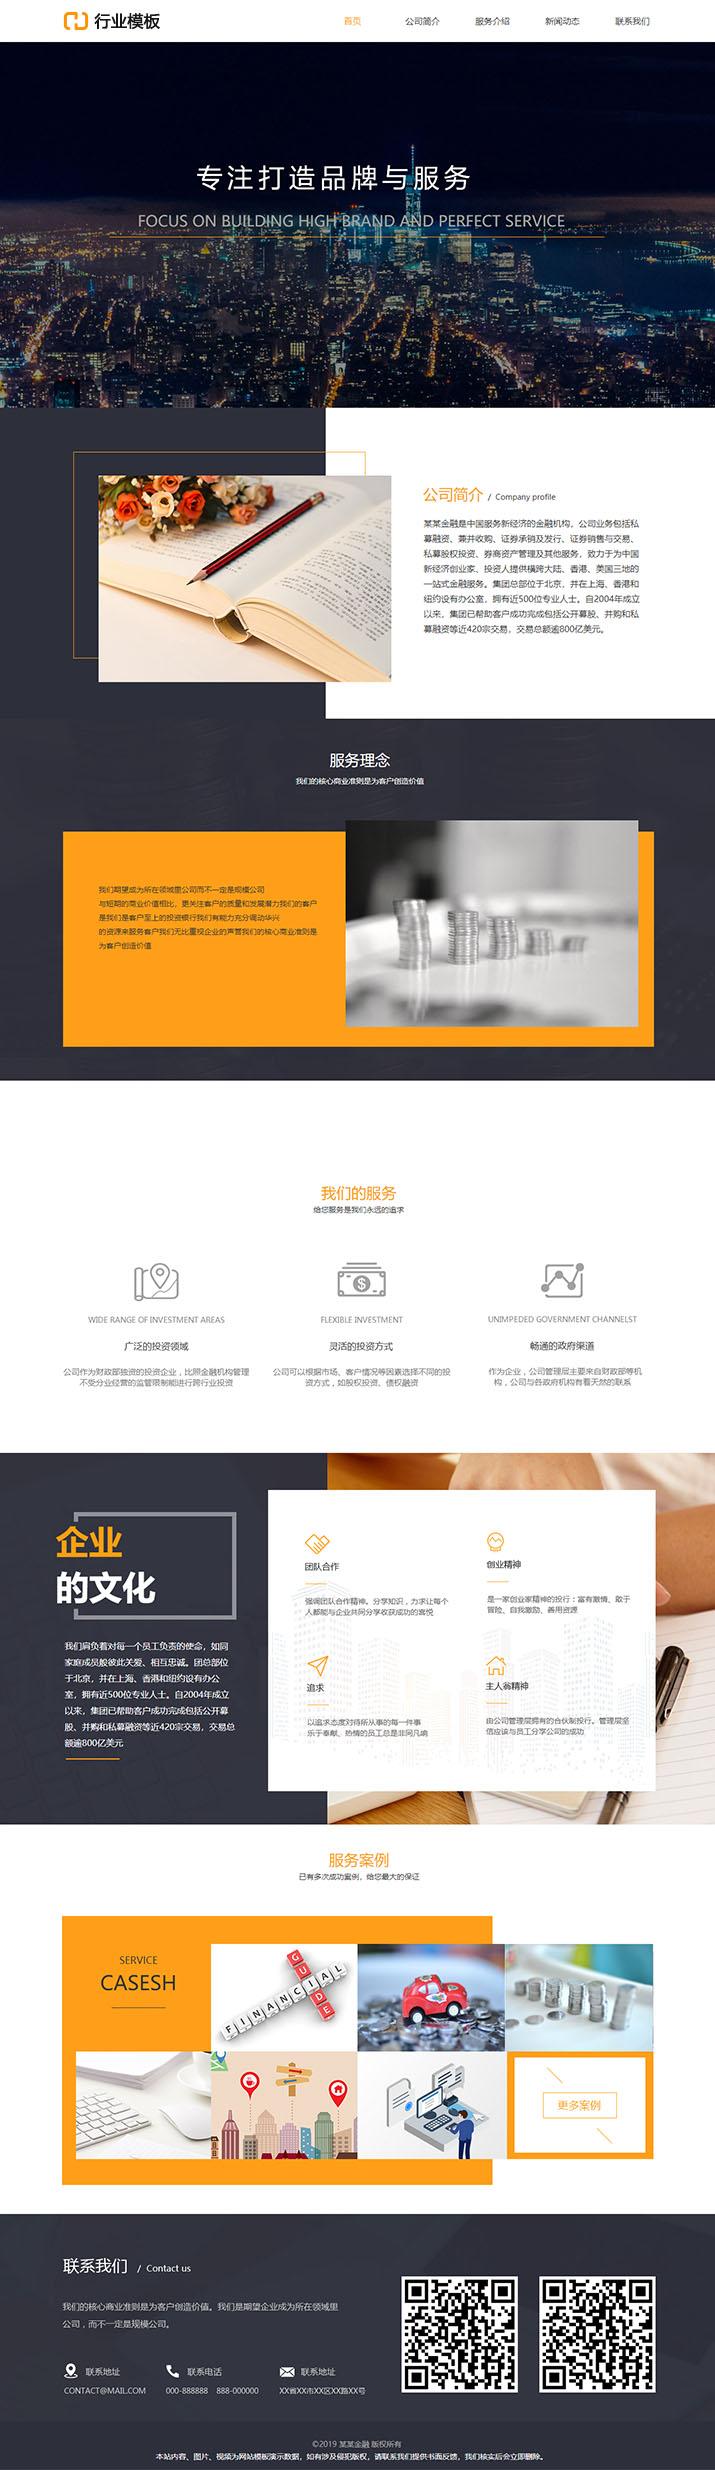 原创金融产品交易网站模板